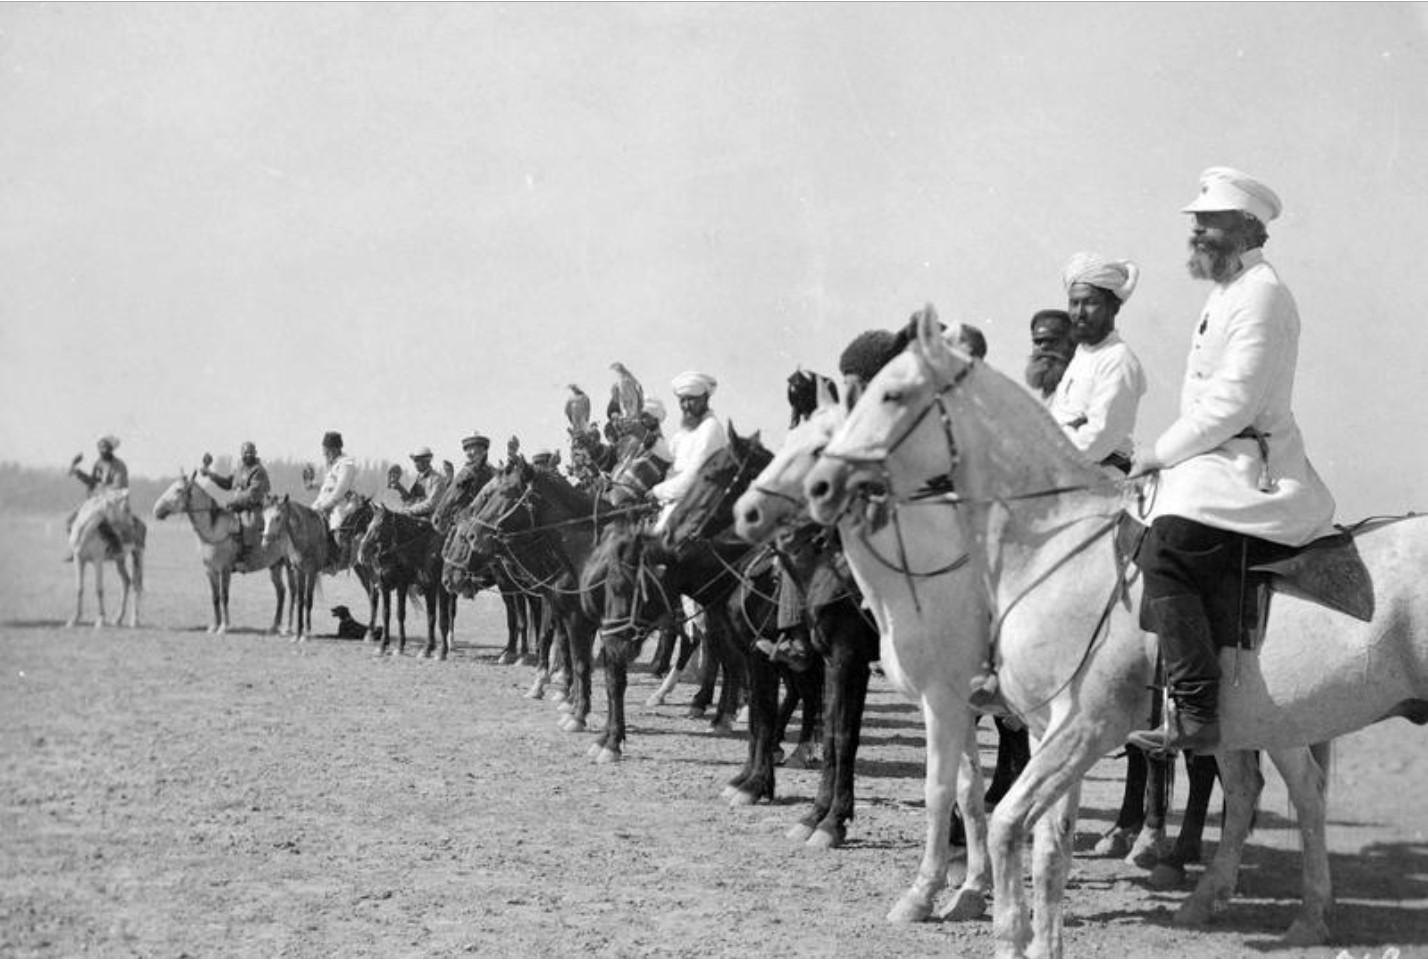 Окрестности Ташкента. Соколиная охота Хивинского хана